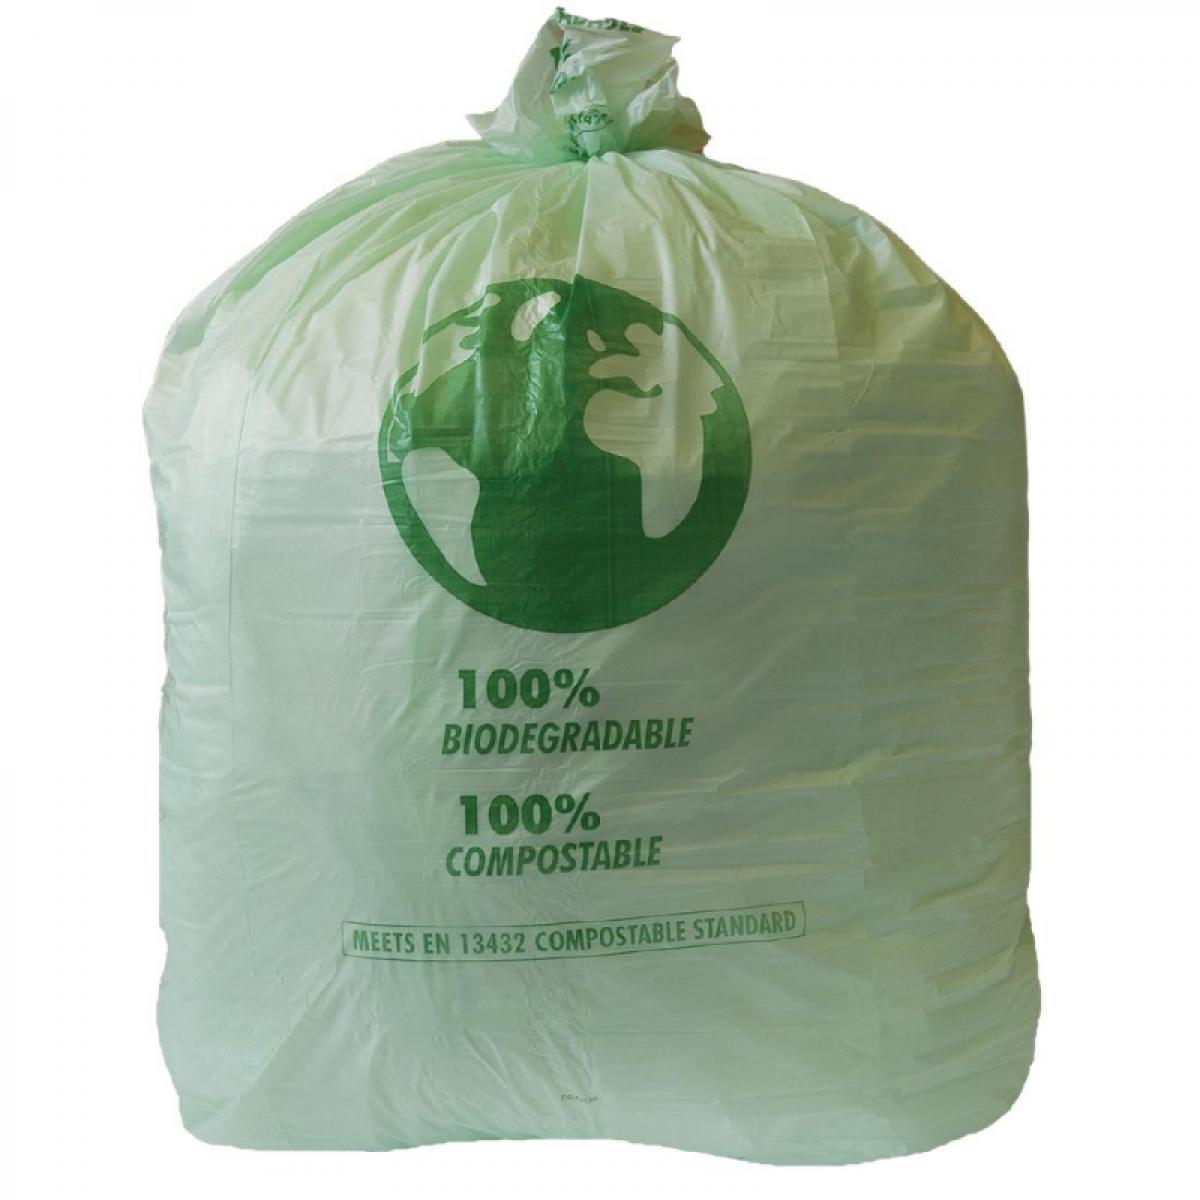 Jantex Sac Poubelle Compostable - 90 Litres - Lot de 20 - Jantex - Acide polyactique (PLA)